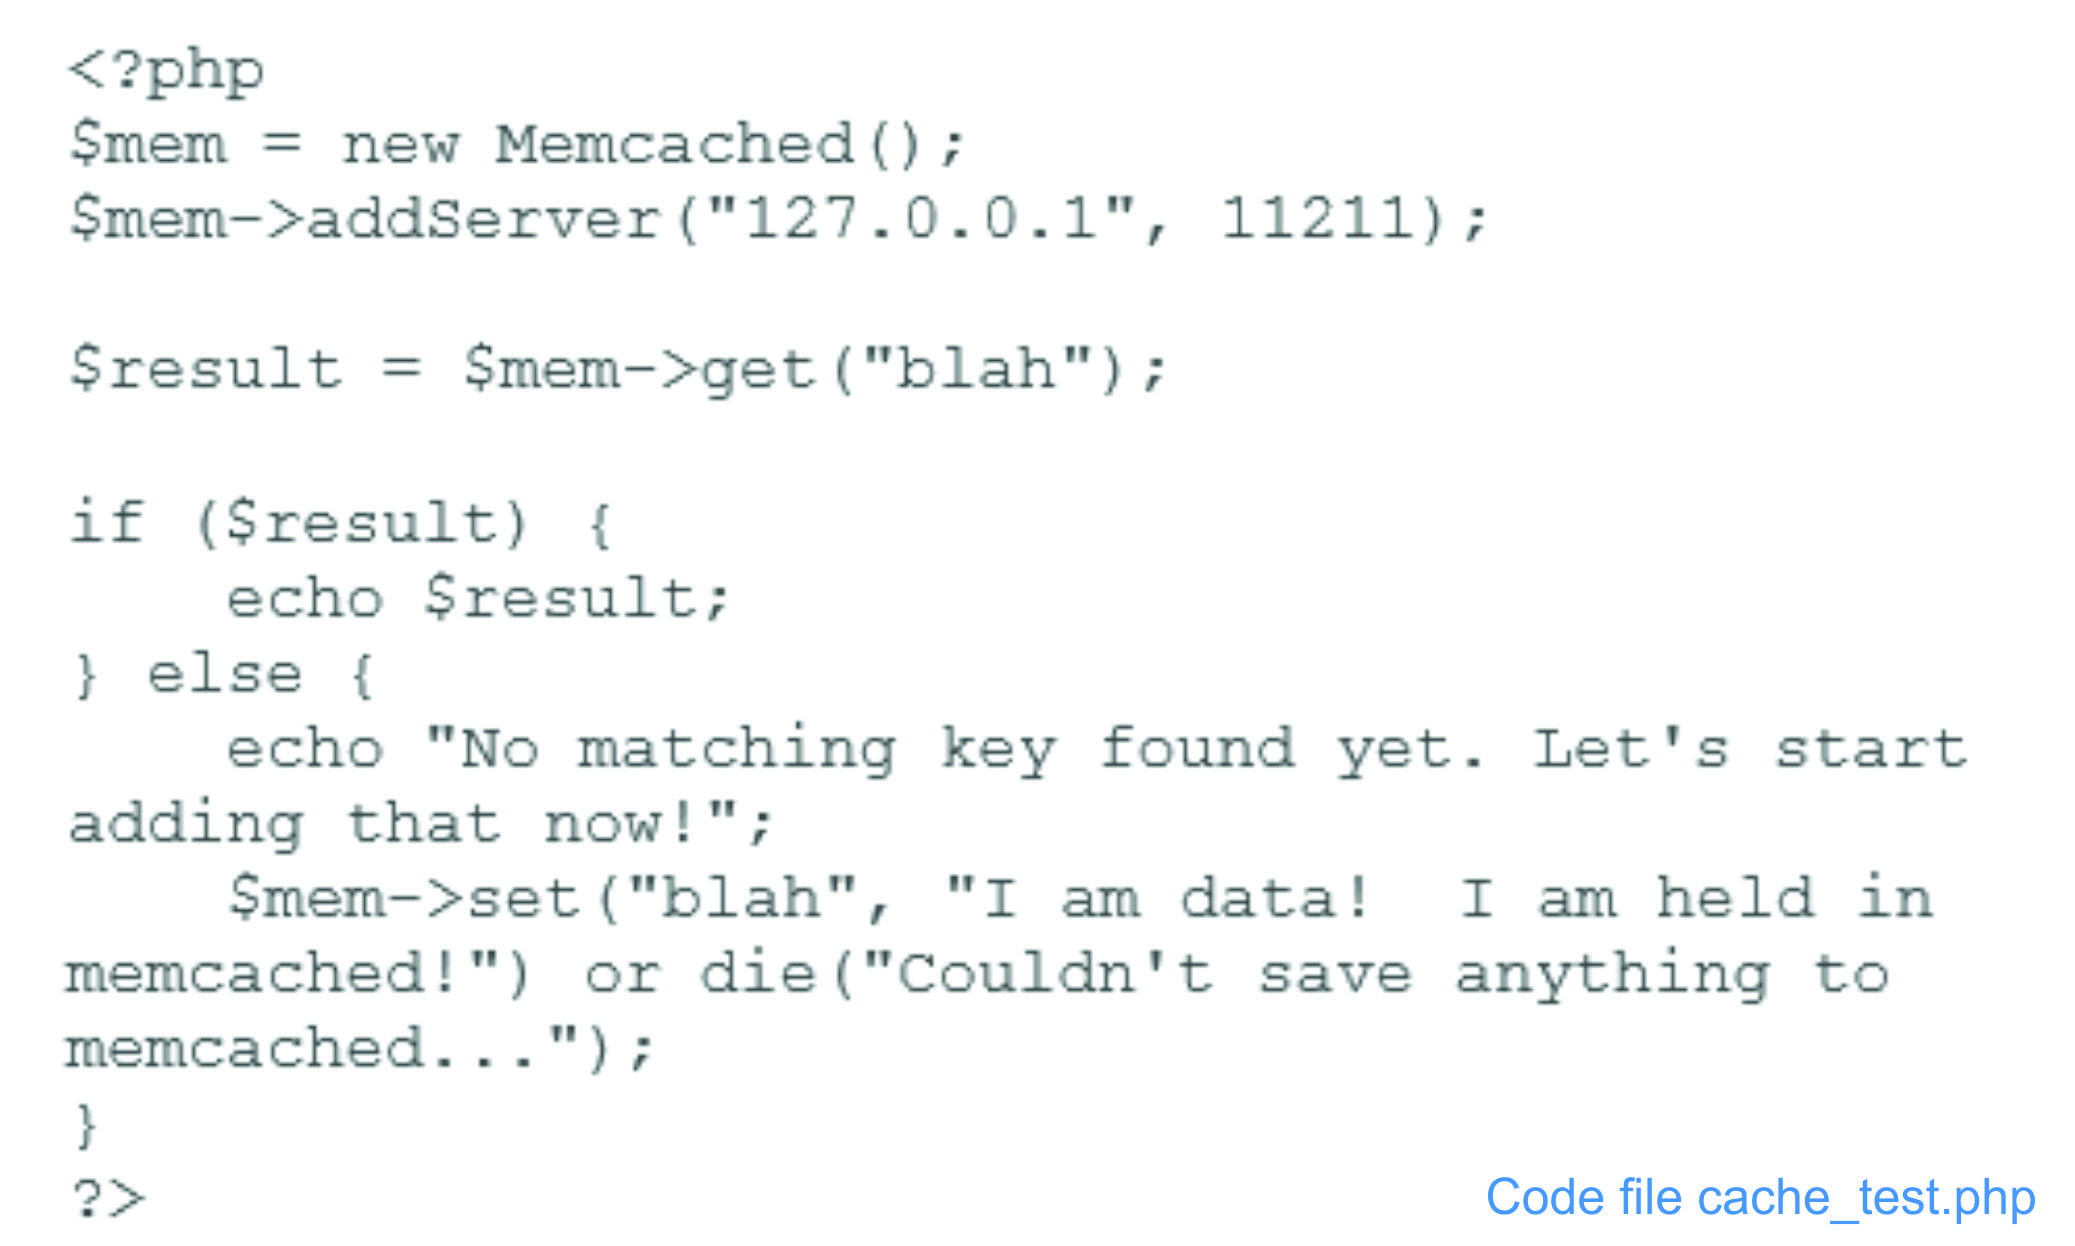 Cara Menginstall dan Menggunakan Memcache dengan Nginx, PHP